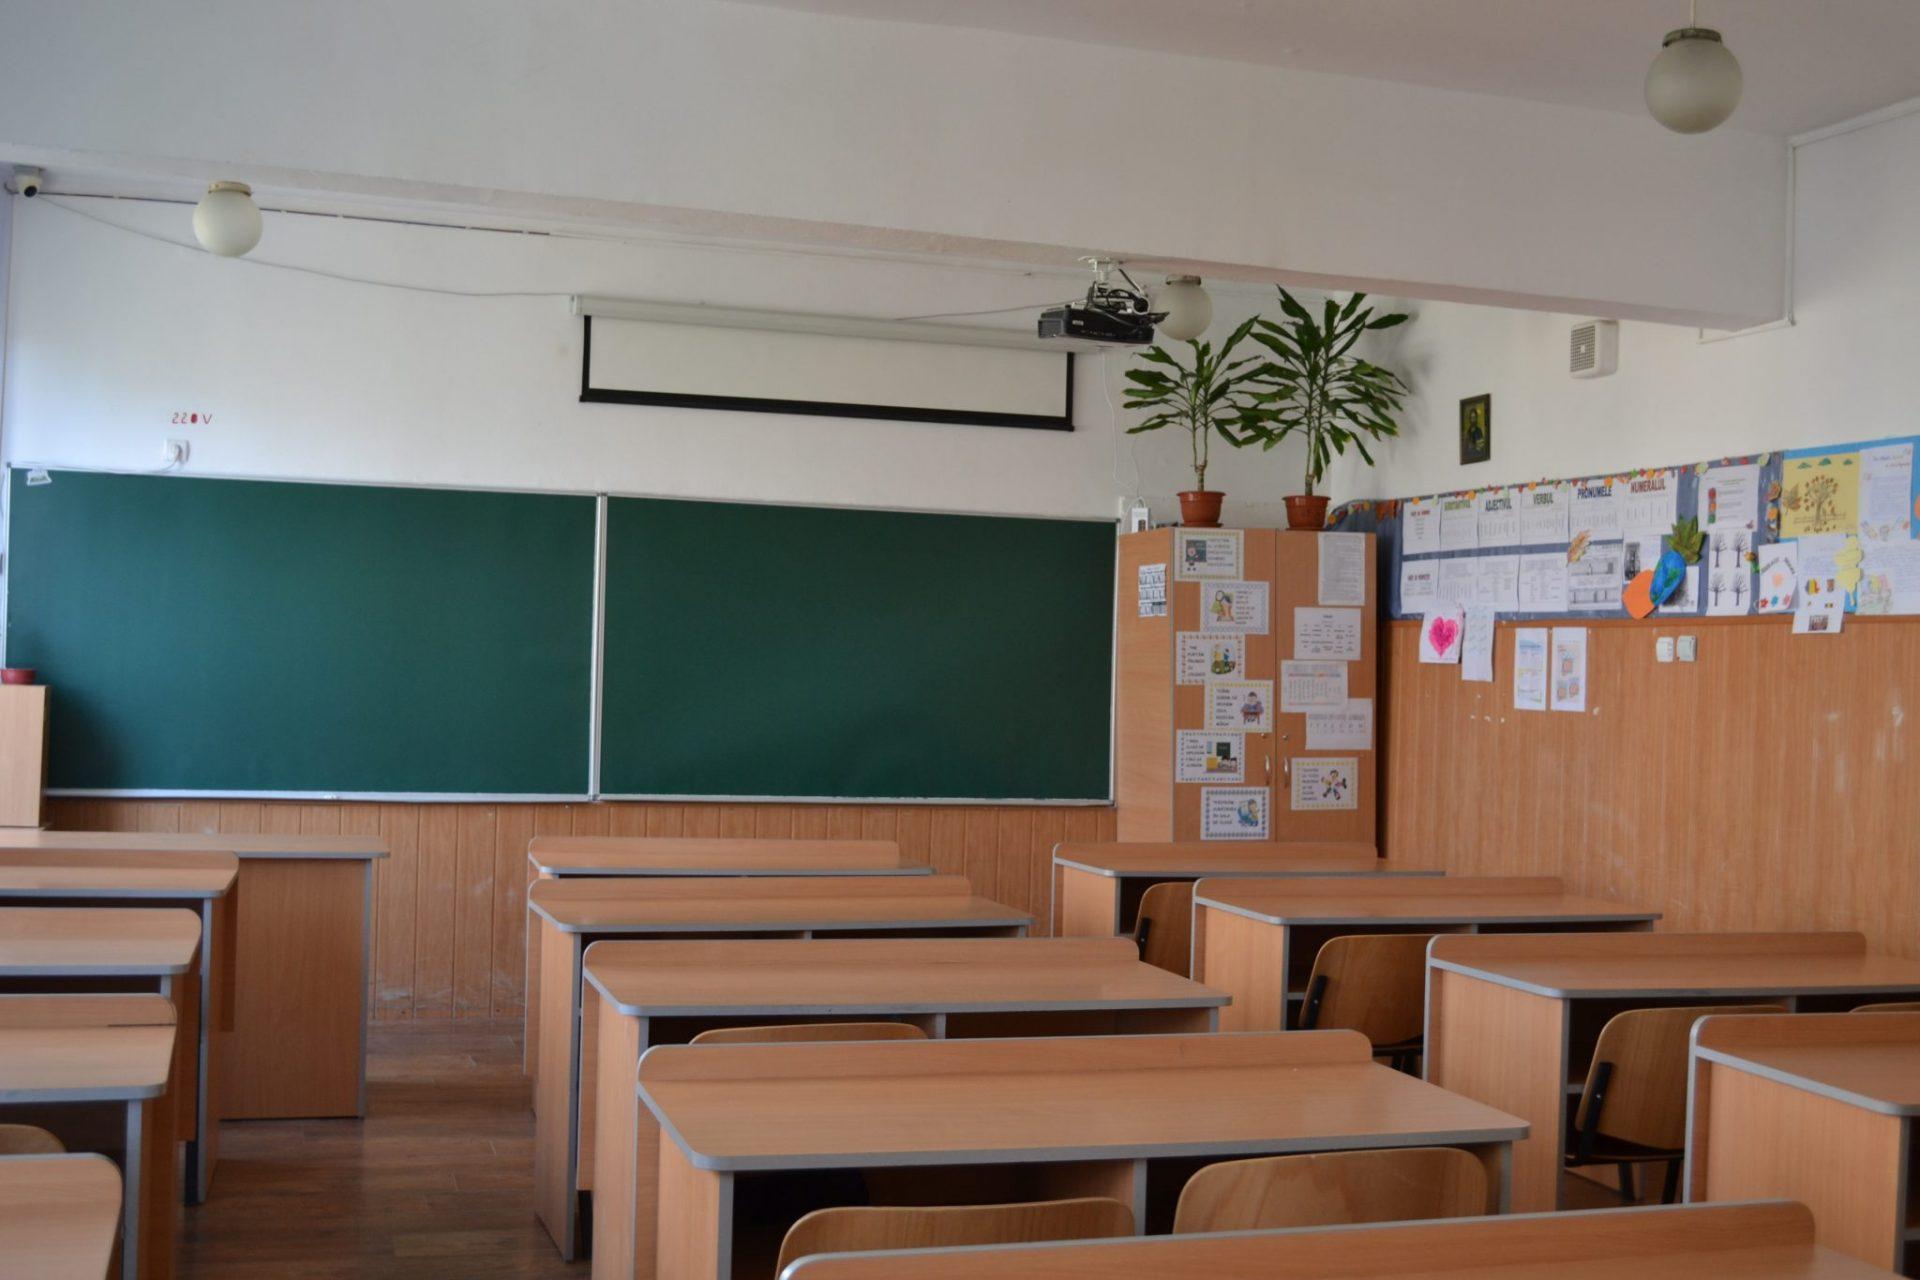 Școala în vremea coronavirusului: TVR va difuza materiale educative pentru elevi